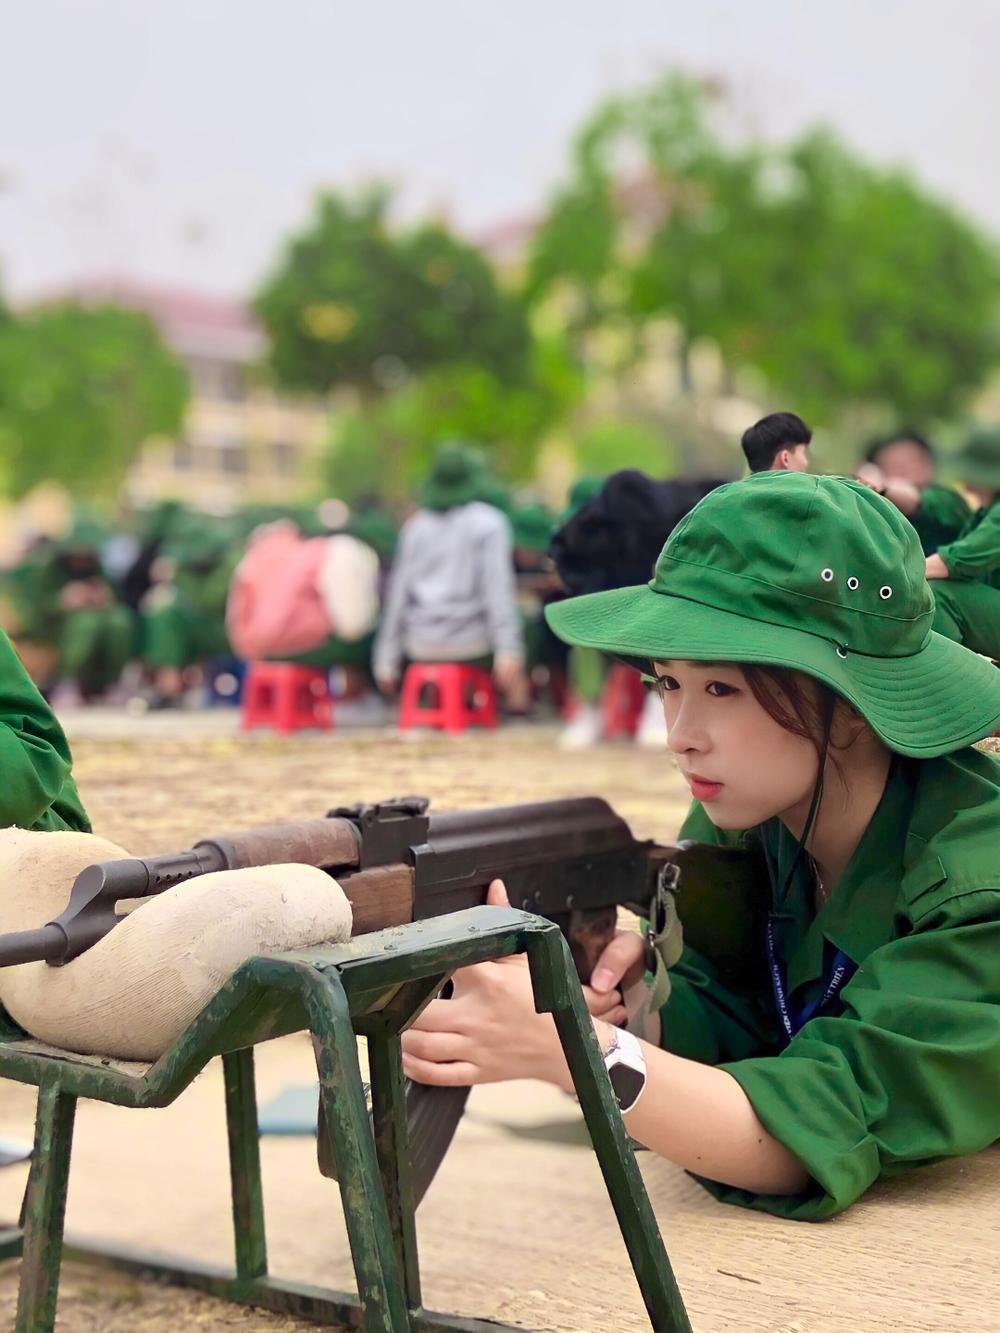 Chiêm ngưỡng dàn 'Trai xinh gái đẹp'- 'Đặc sản' mùa quân sự của Học viện Chính sách và Phát triển Ảnh 10